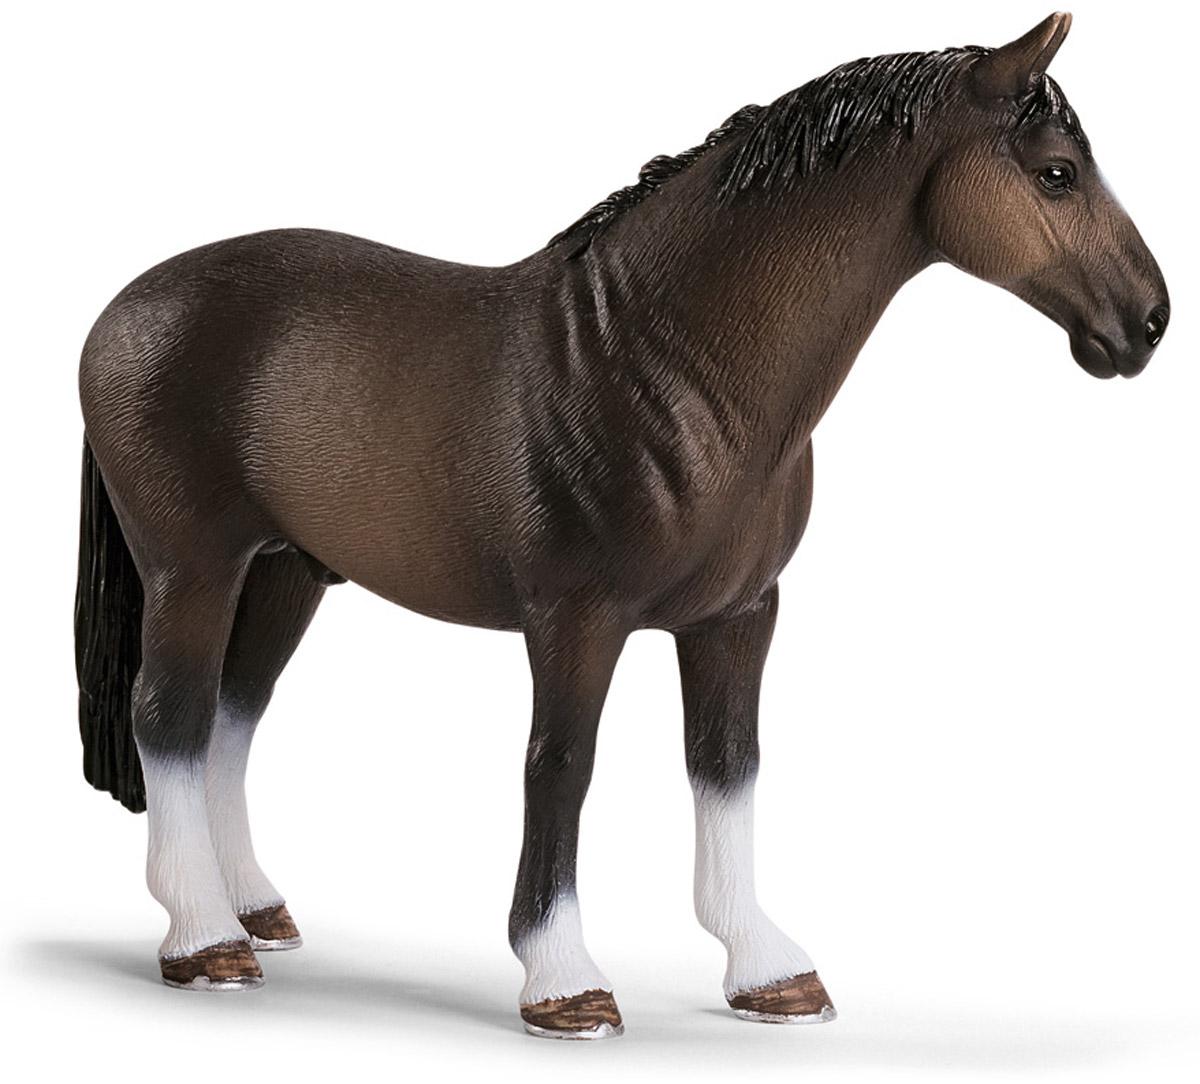 Schleich Фигурка Ганноверский жеребец13649Представители этой породы - классические спортивные лошади, которых отличает прямоугольный формат. Эти лошади используются как в выездке, так и в конкуре, и добиваются высочайших успехов. Они славятся смышленостью, внимательностью, уравновешенным нравом и темпераментом. Фигурка Schleich Ганноверский жеребец выполнена из каучукового пластика, раскрашивалась вручную. С помощью фигурки ребенок сможет дополнить свою ферму со скотным двором. Выдумывая сюжетно-ролевые игры, малыш развивает воображение и осваивает новые социальные взаимоотношения.